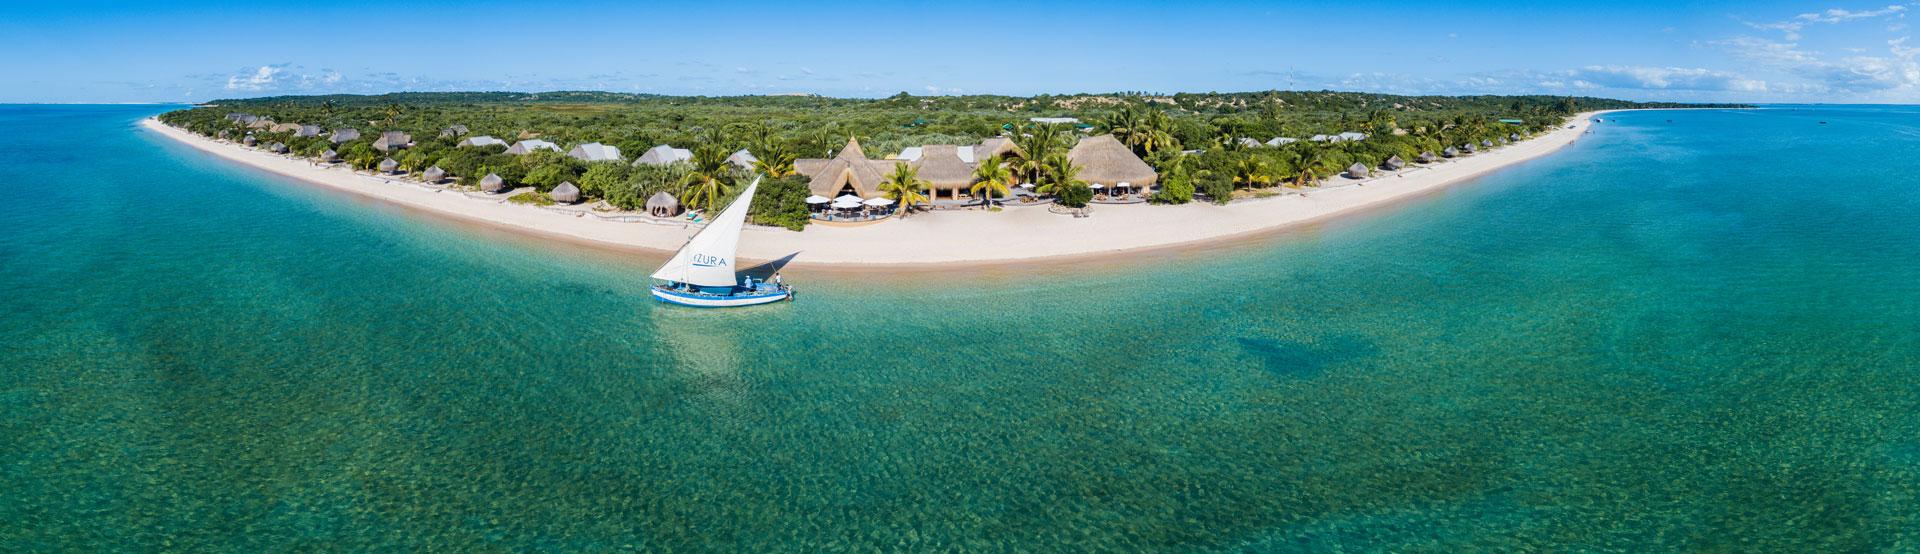 MOZAMBIQUE_Azura Retreats_Azura Benguerra_1.AZURA BENGUERRA  heli view  Scott Ramsay.jpg